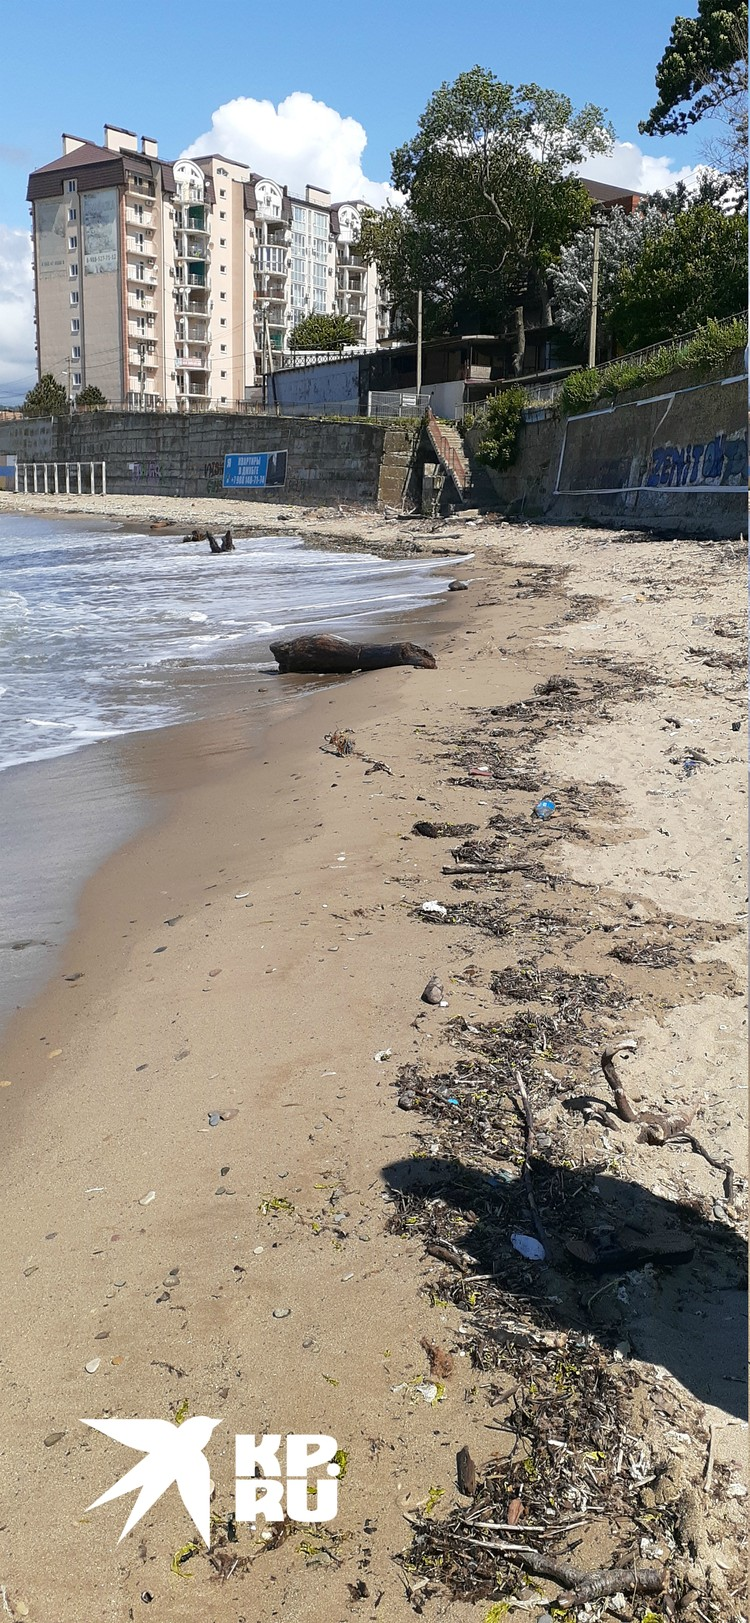 Зачем чистить пляж, если на нем некому отдыхать